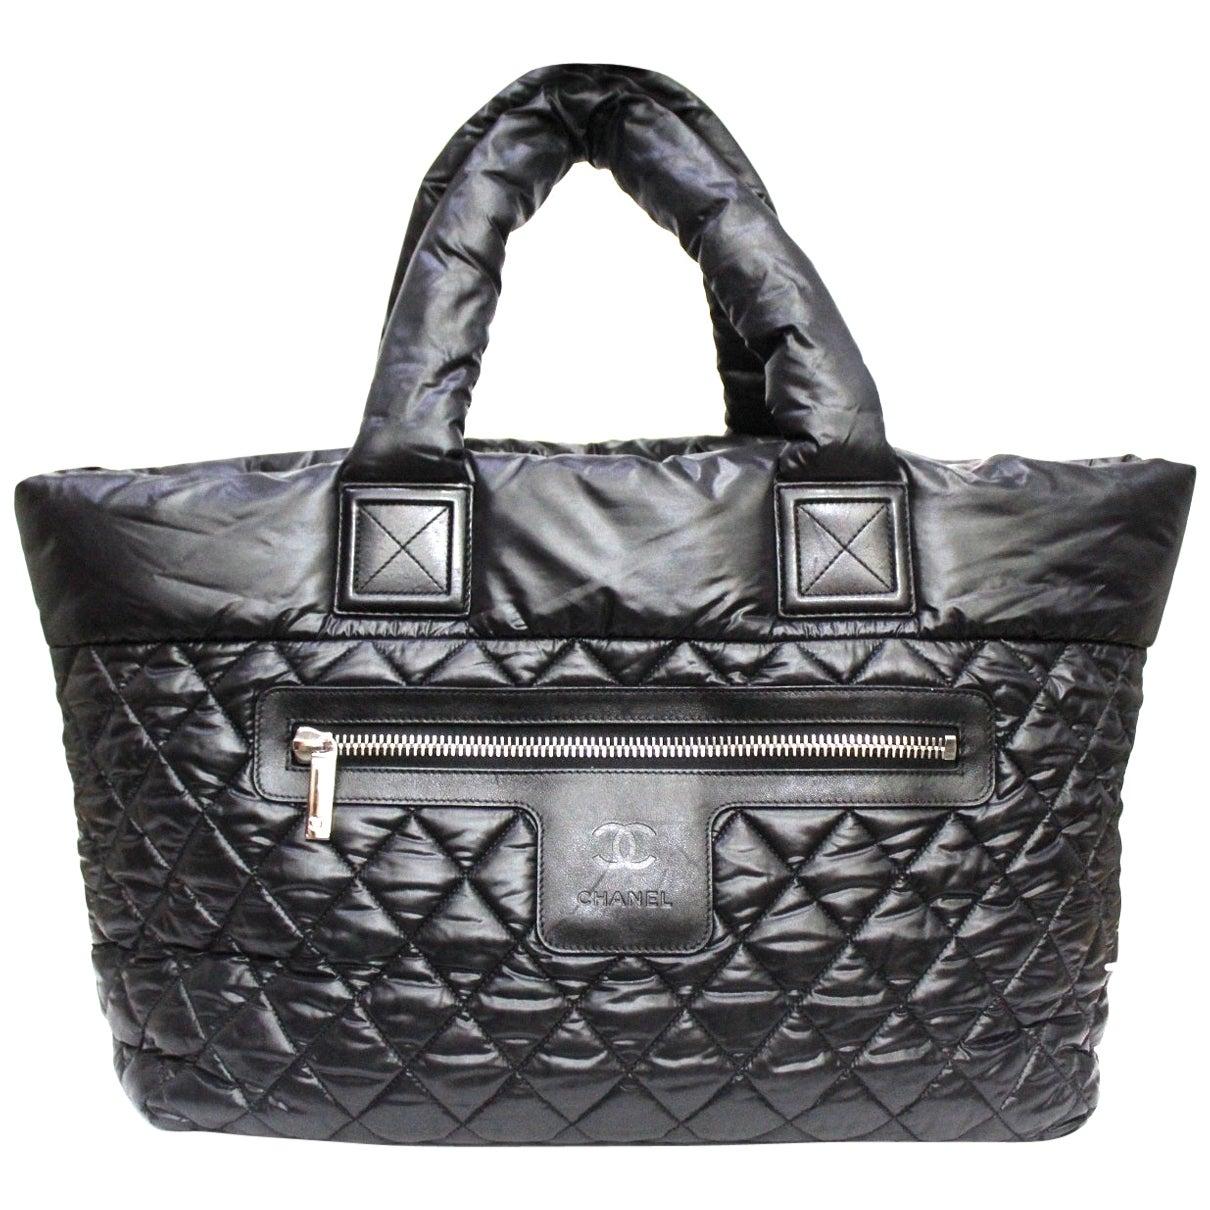 2011 Chanel Black Nylon Coco Cocoon Shoulder Bag